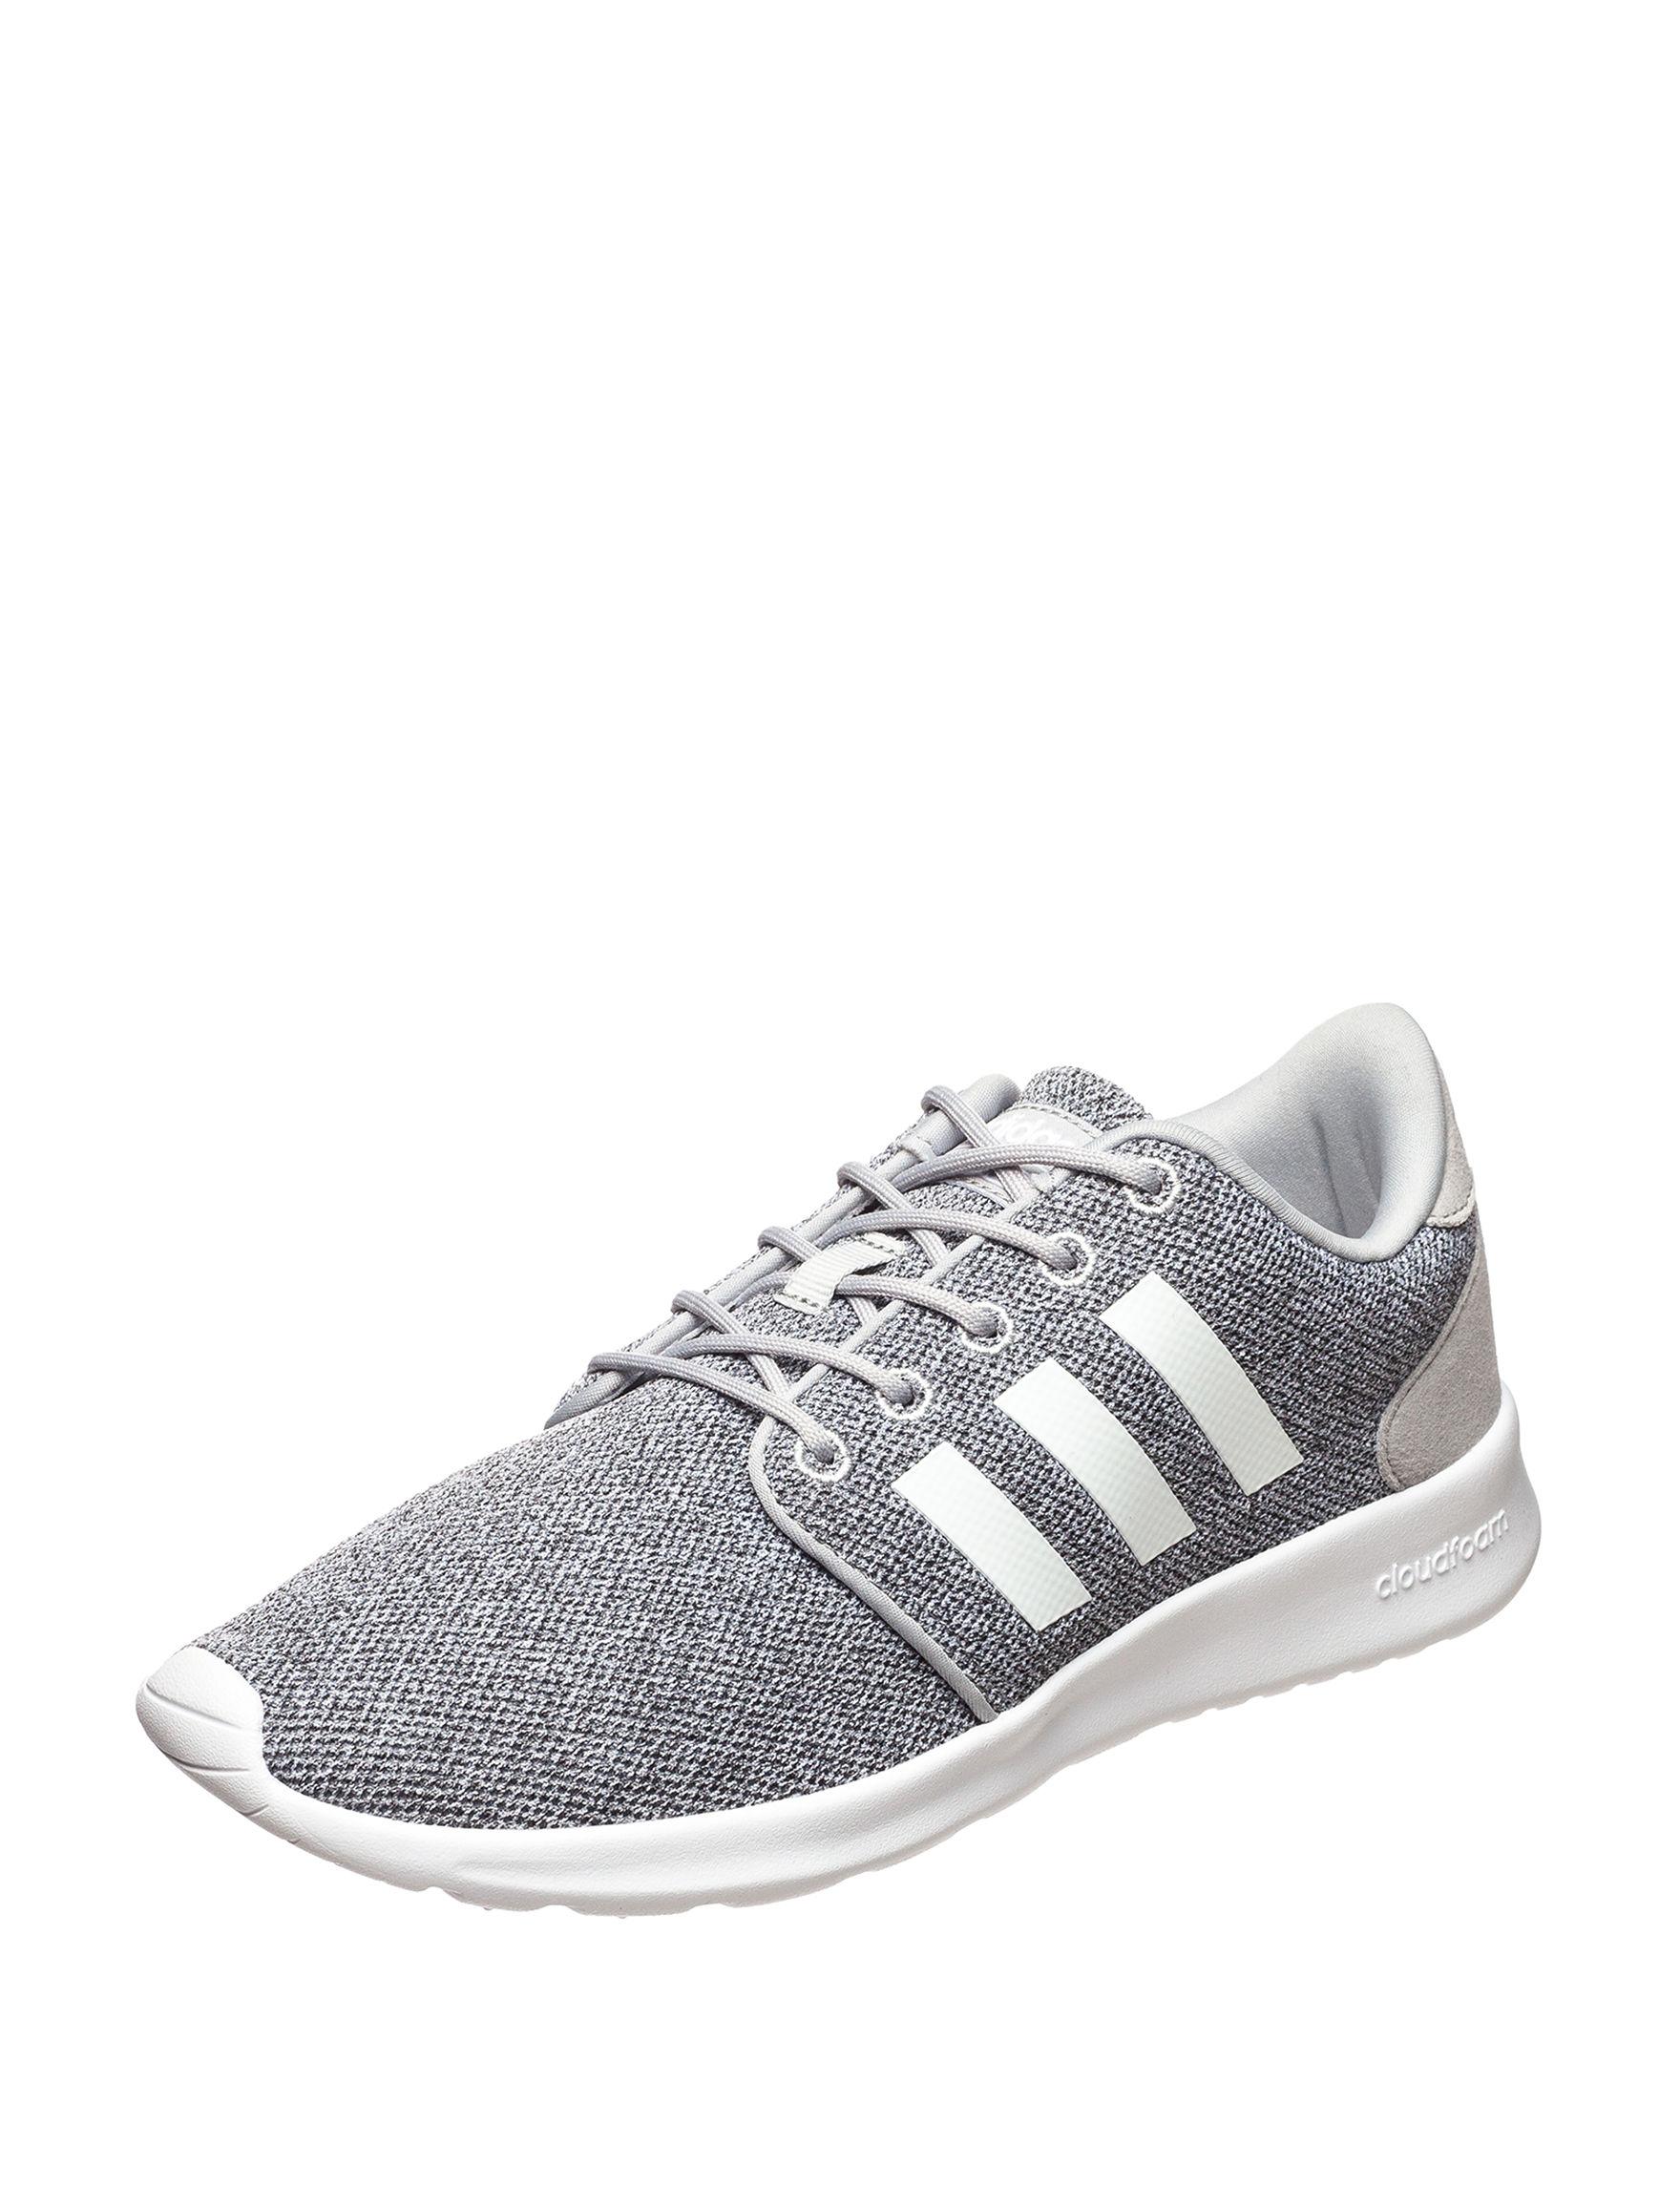 Adidas Grey / White